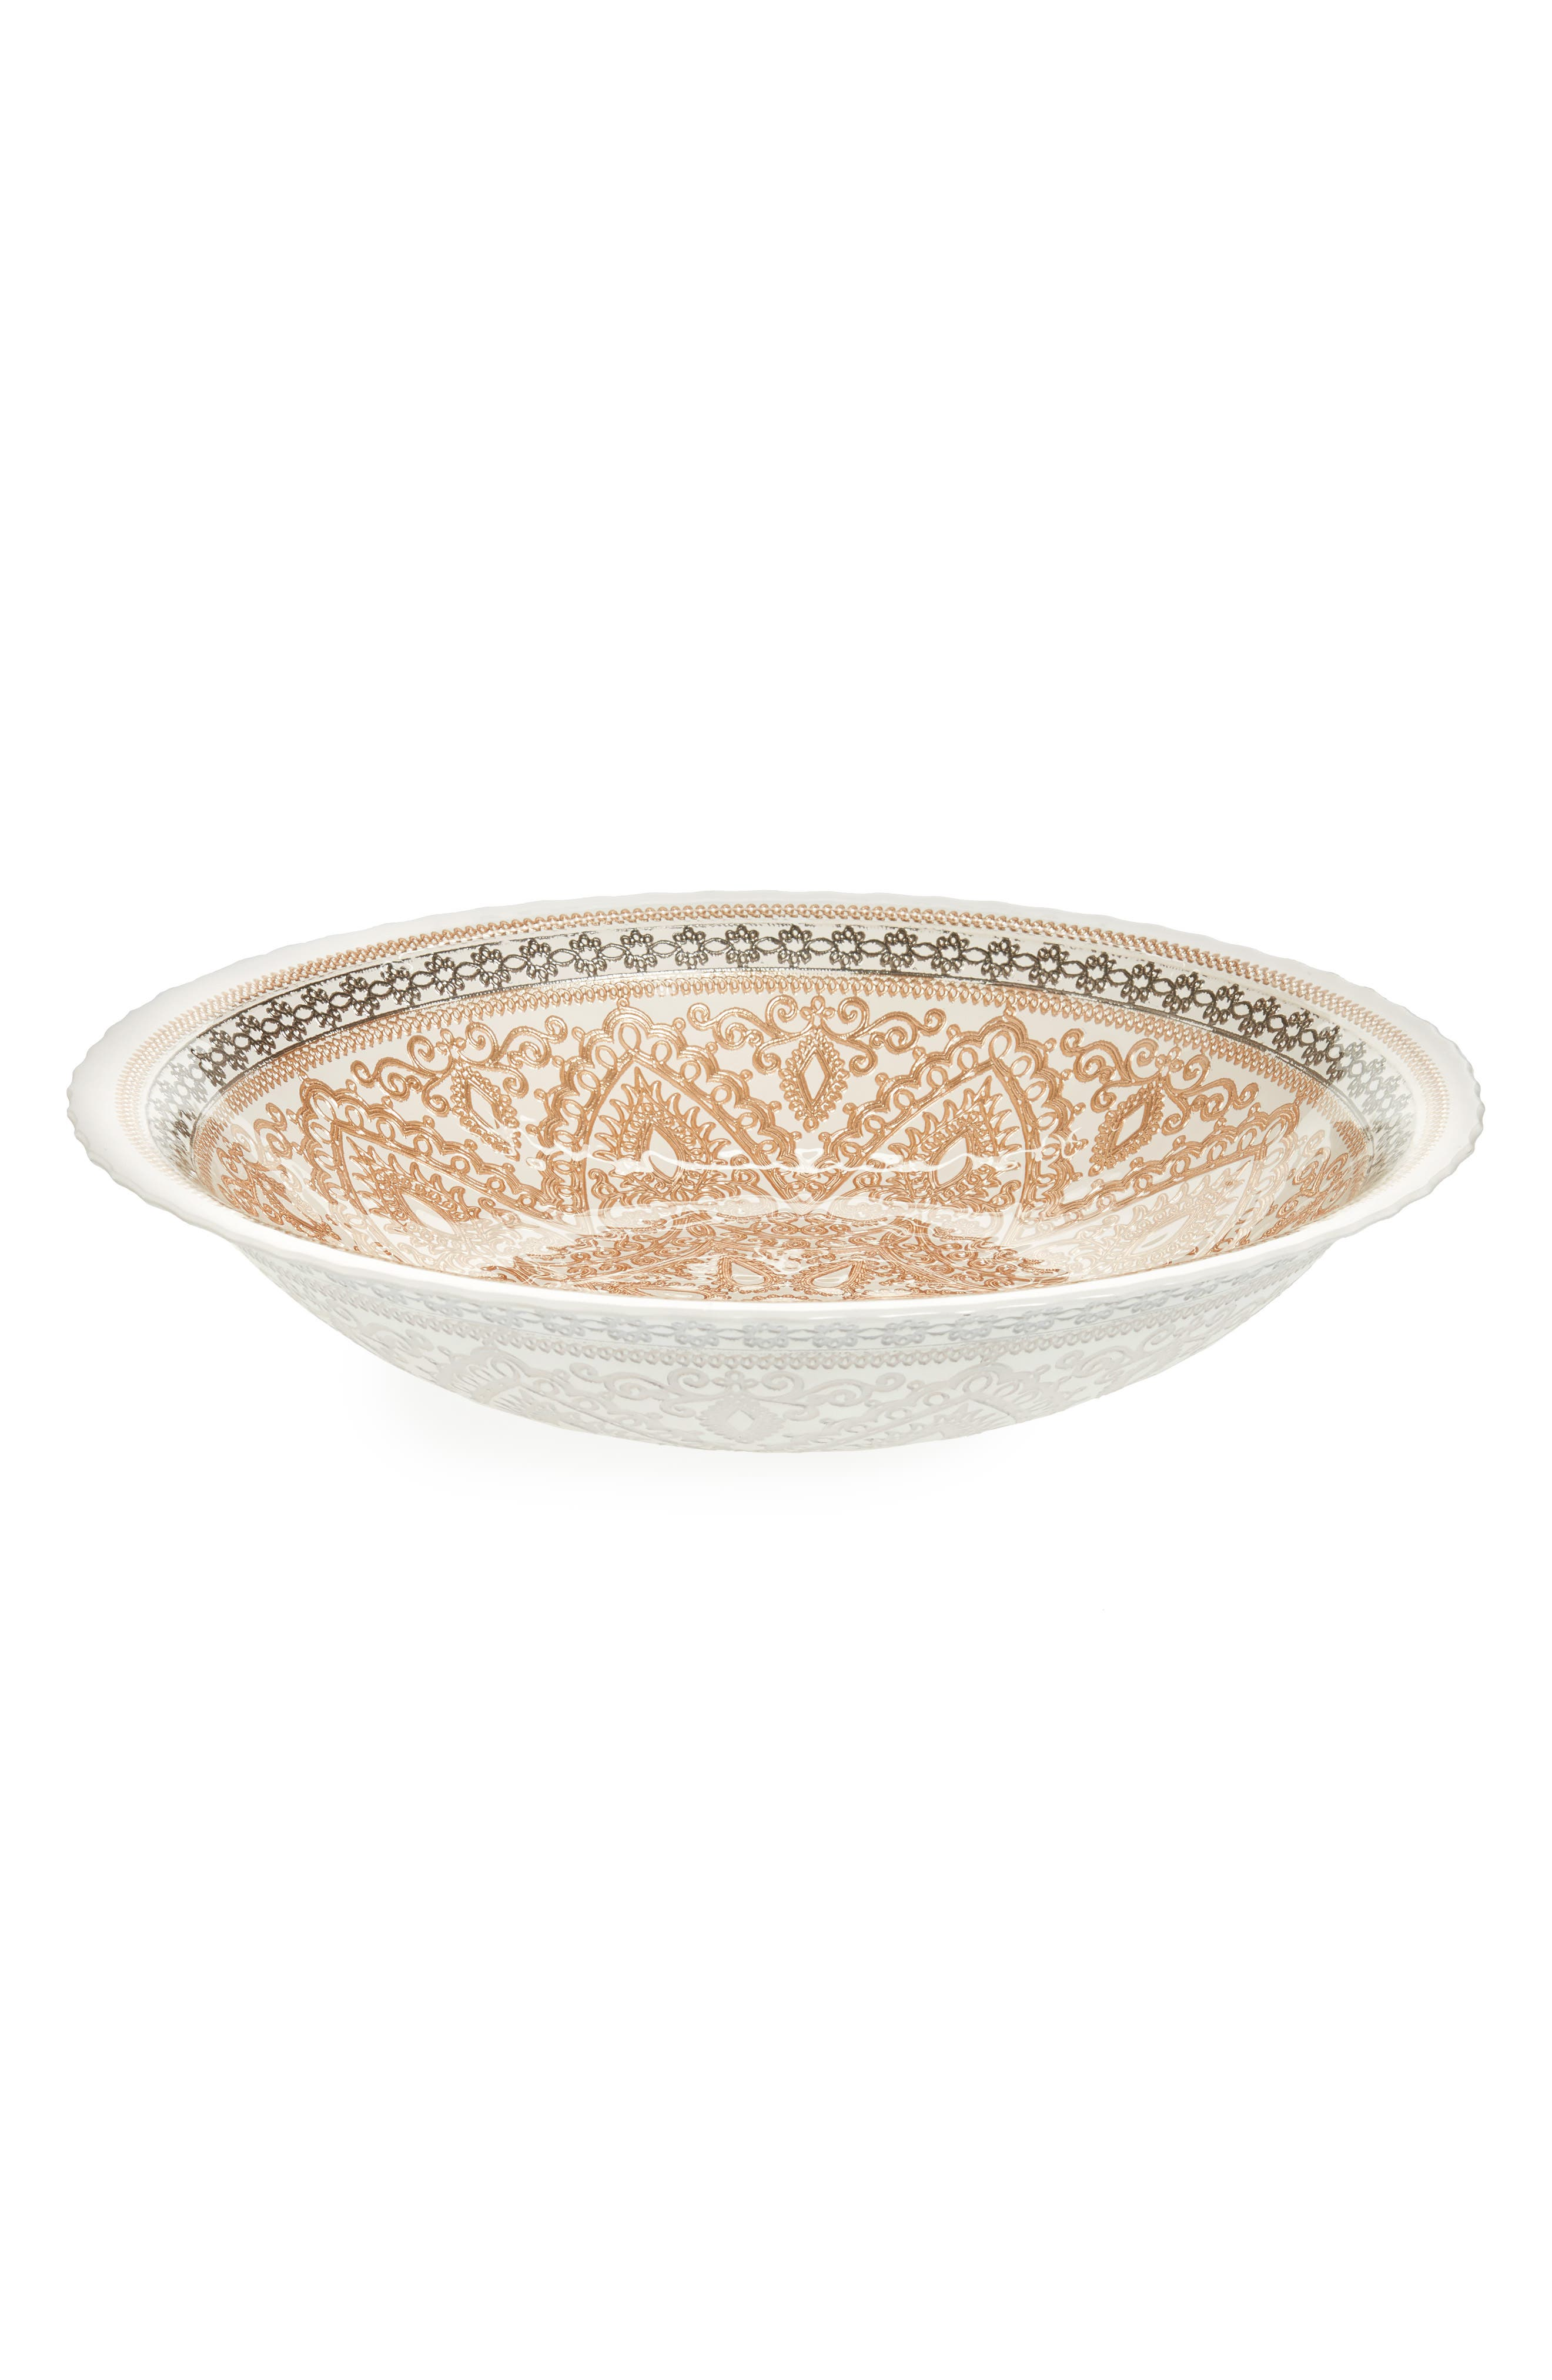 Cordoba Bowl,                         Main,                         color, Gold